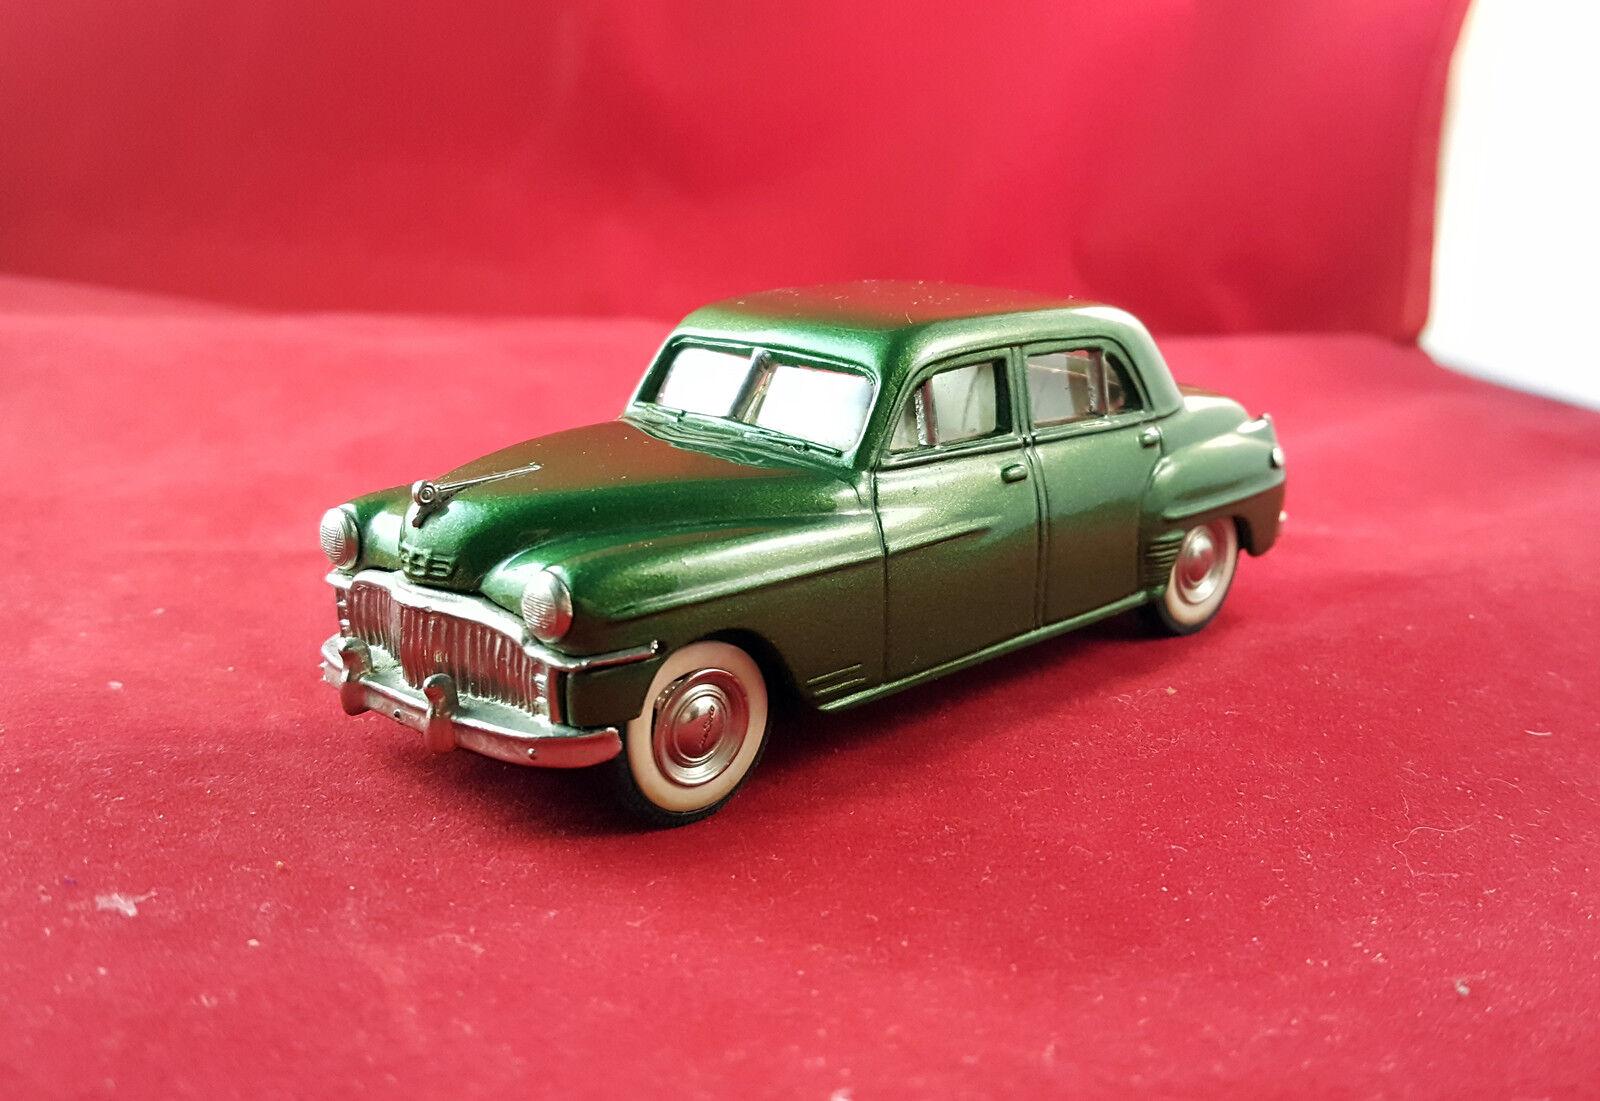 promociones de equipo 1 1 1 43 de Soto Personalizado 1949 Desoto Aleación Formas Hecho a Mano Motor City Personalizado  tomamos a los clientes como nuestro dios